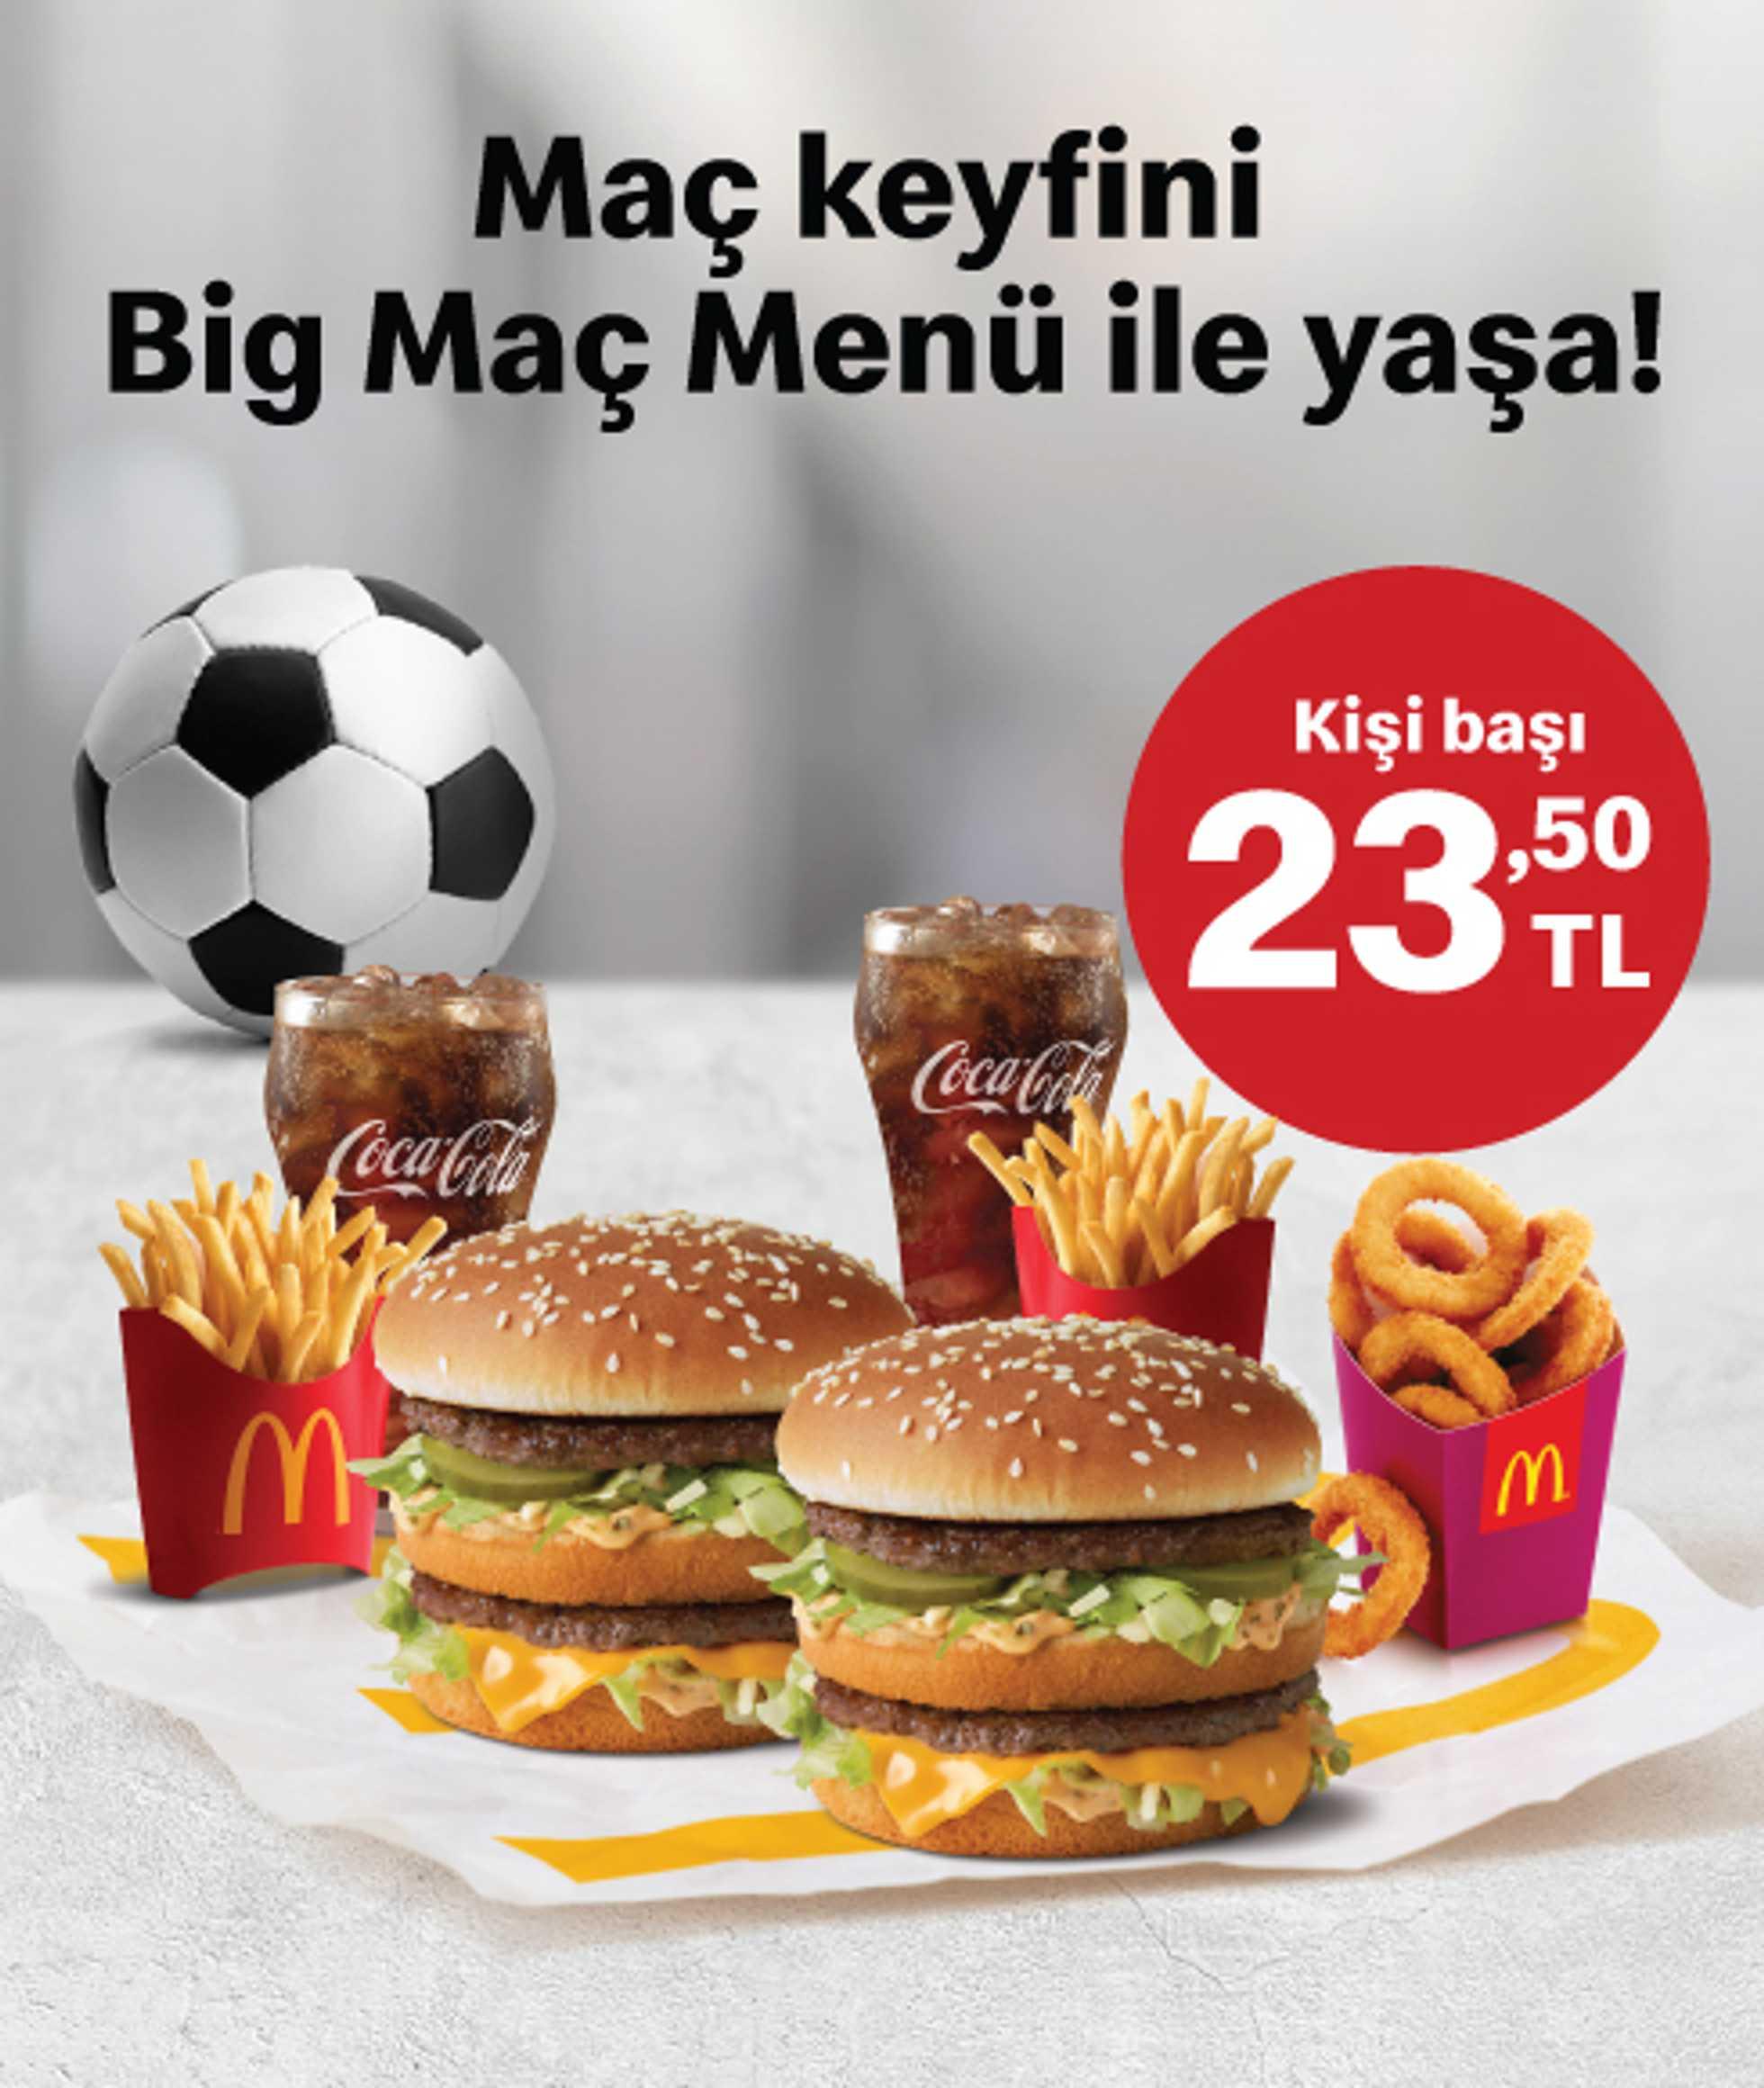 McDonald's - indirimler 01.06.2020 tarihinden başlayıp 31.07.2020 - tarihine kadar devam ediyor. Sayfa 1.